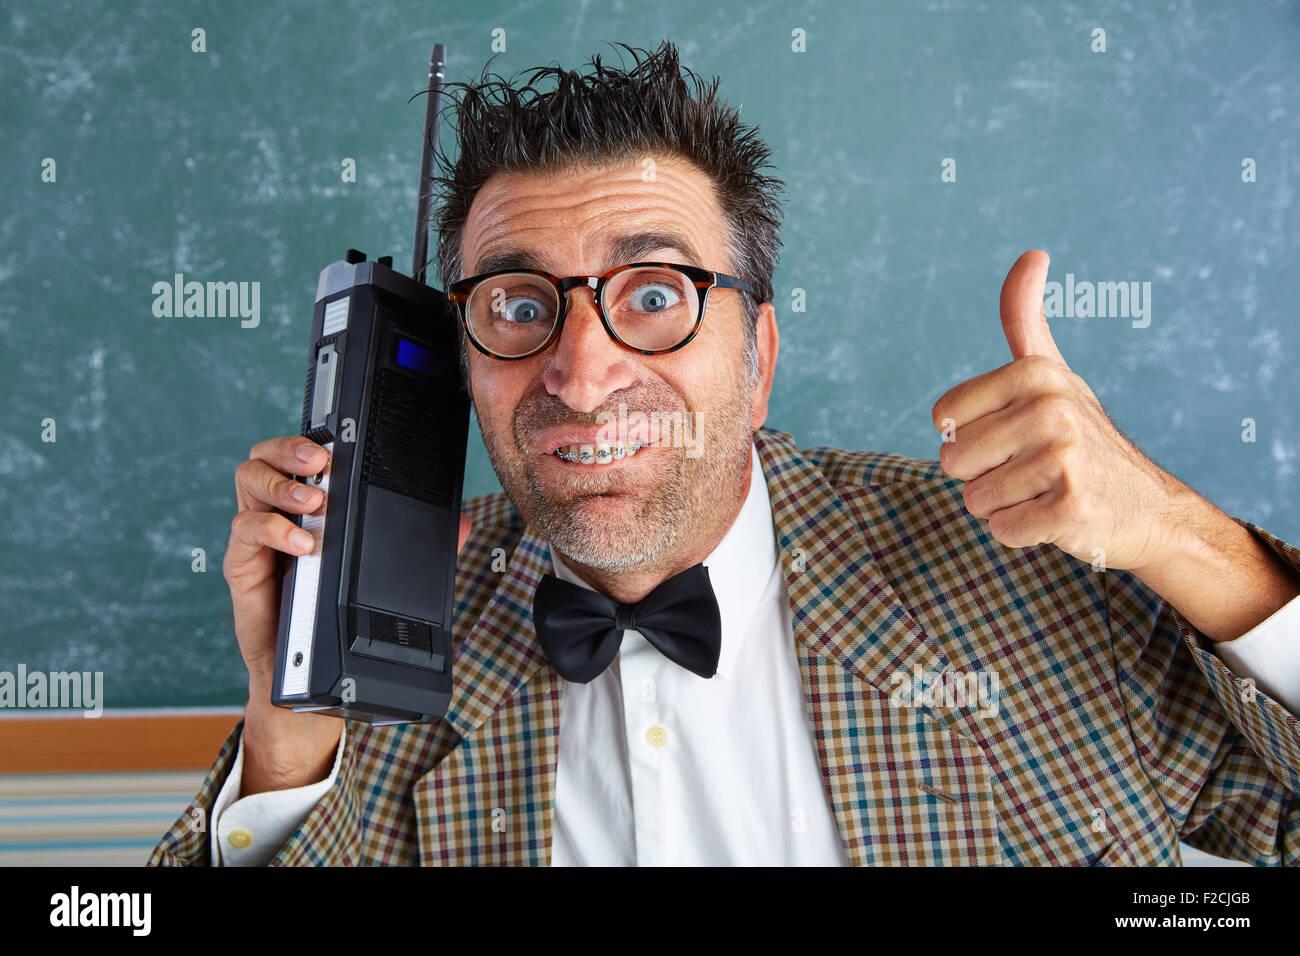 Nerd dumme Privatdetektiv mit Retro-Walkie-Talkie auf Lehrer balckboard Stockbild